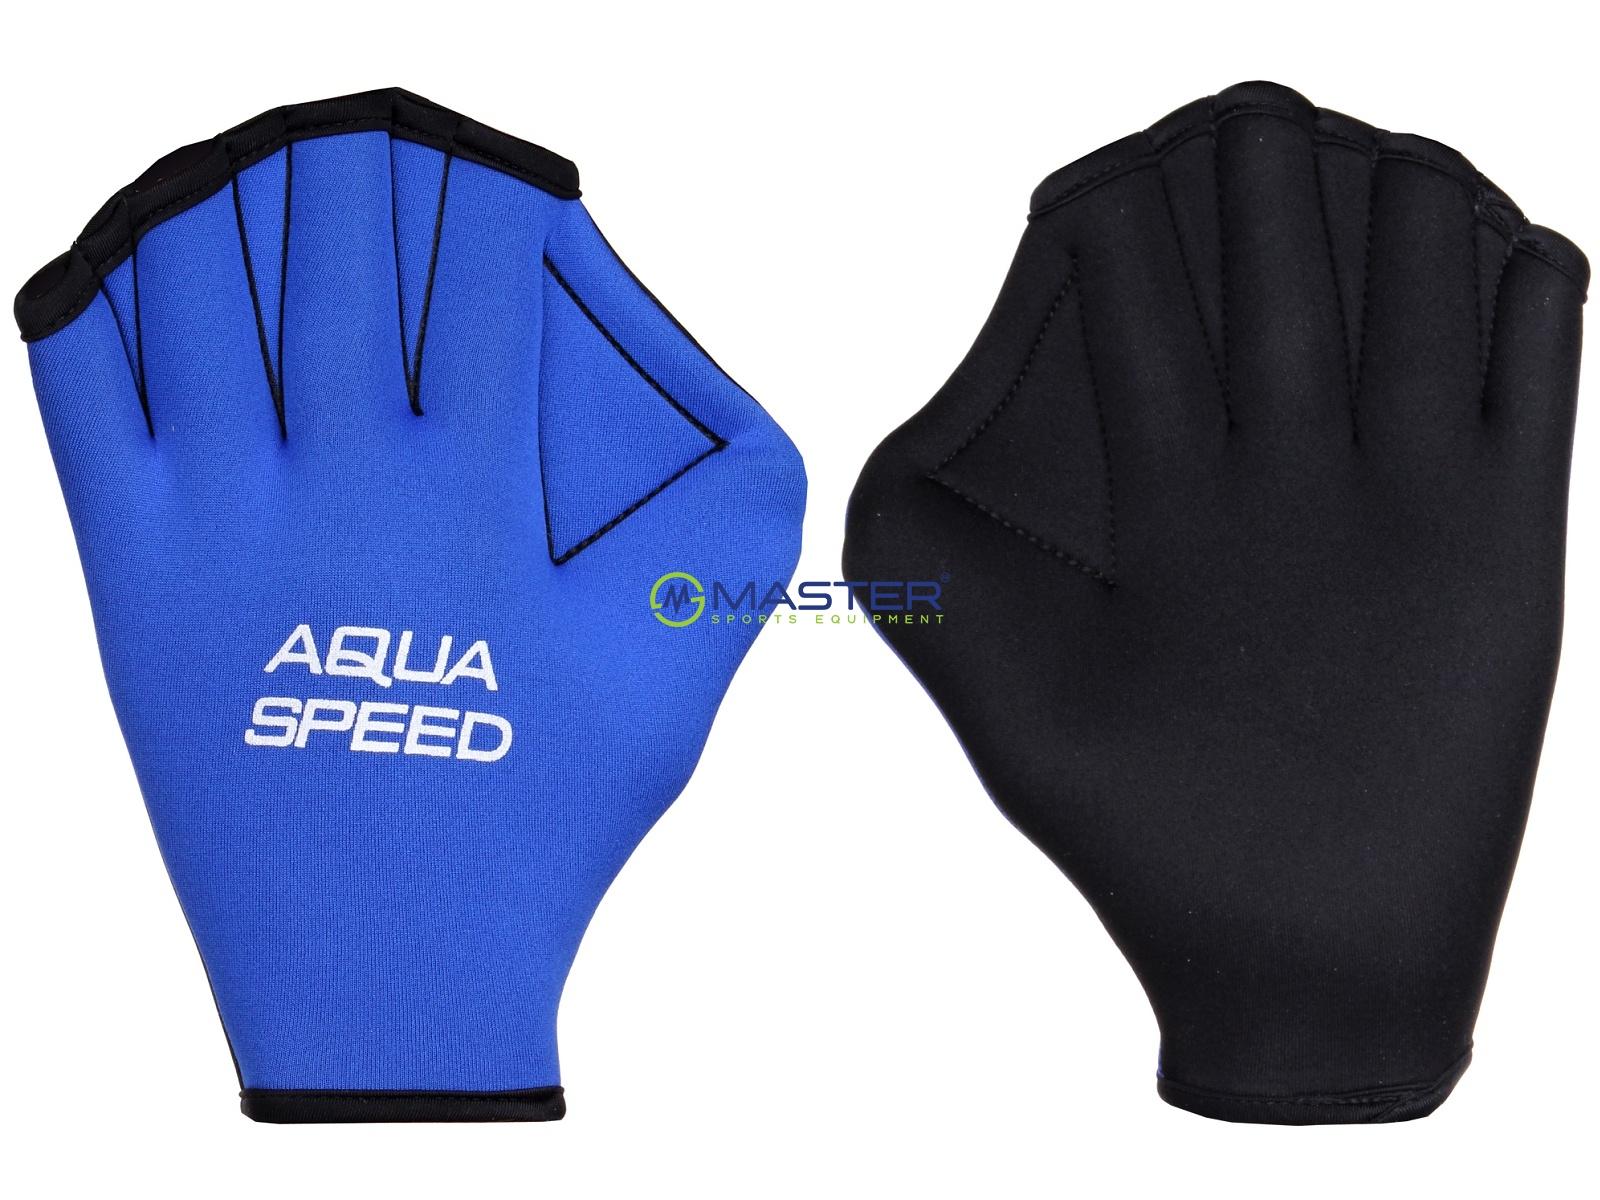 Plavecké rukavice Paddle Neo modro-černé  b9c638ee95